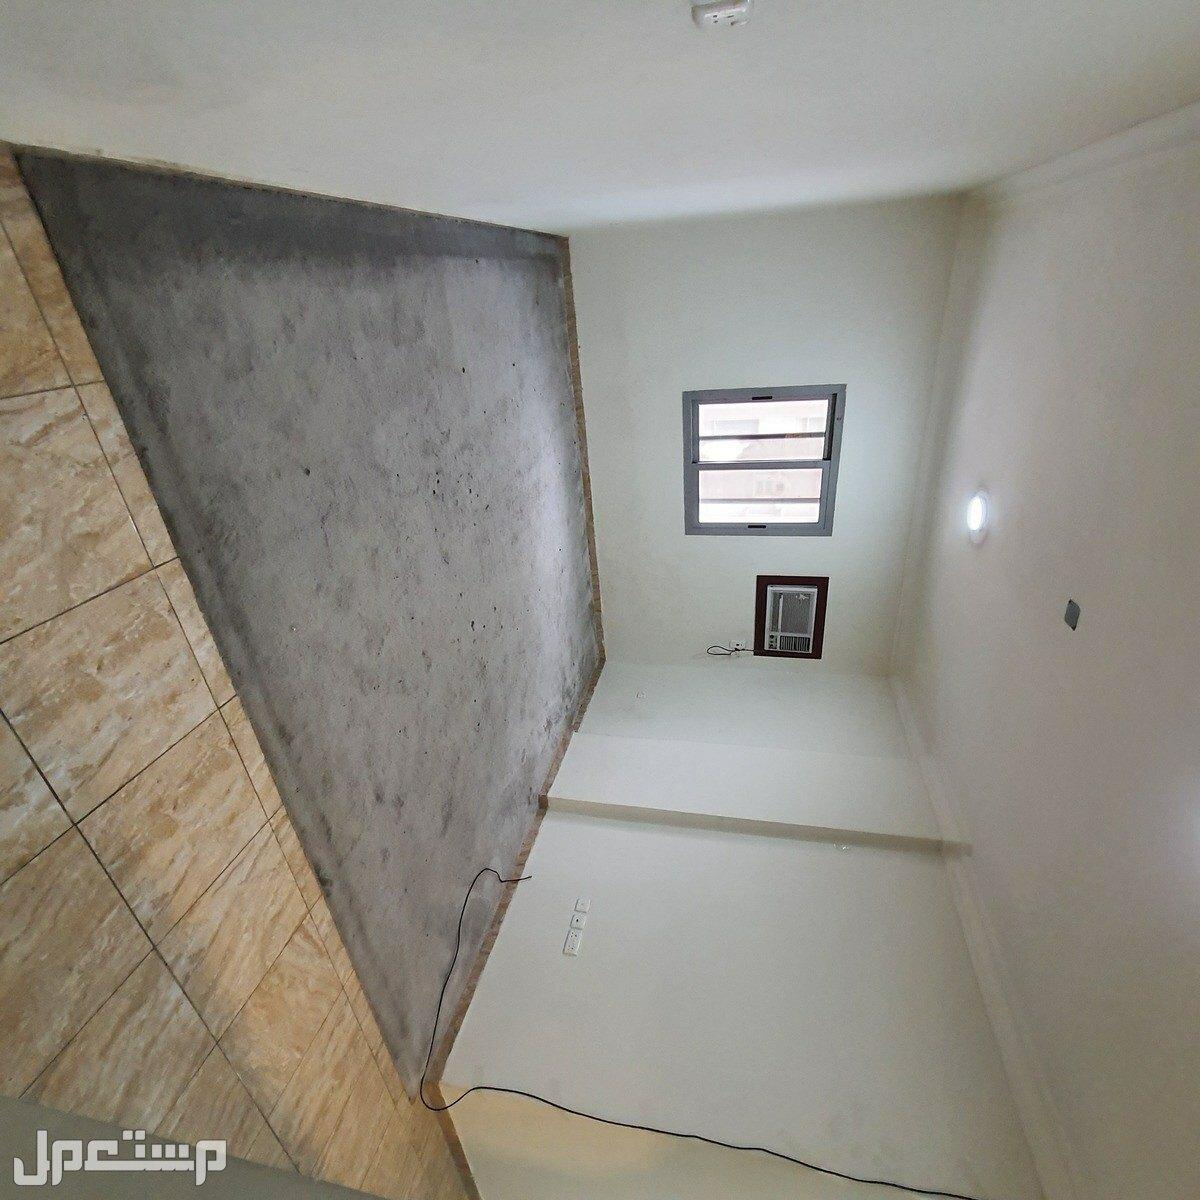 جاما 10 | شقق عزاب غرفتين للايجار في الجبيل